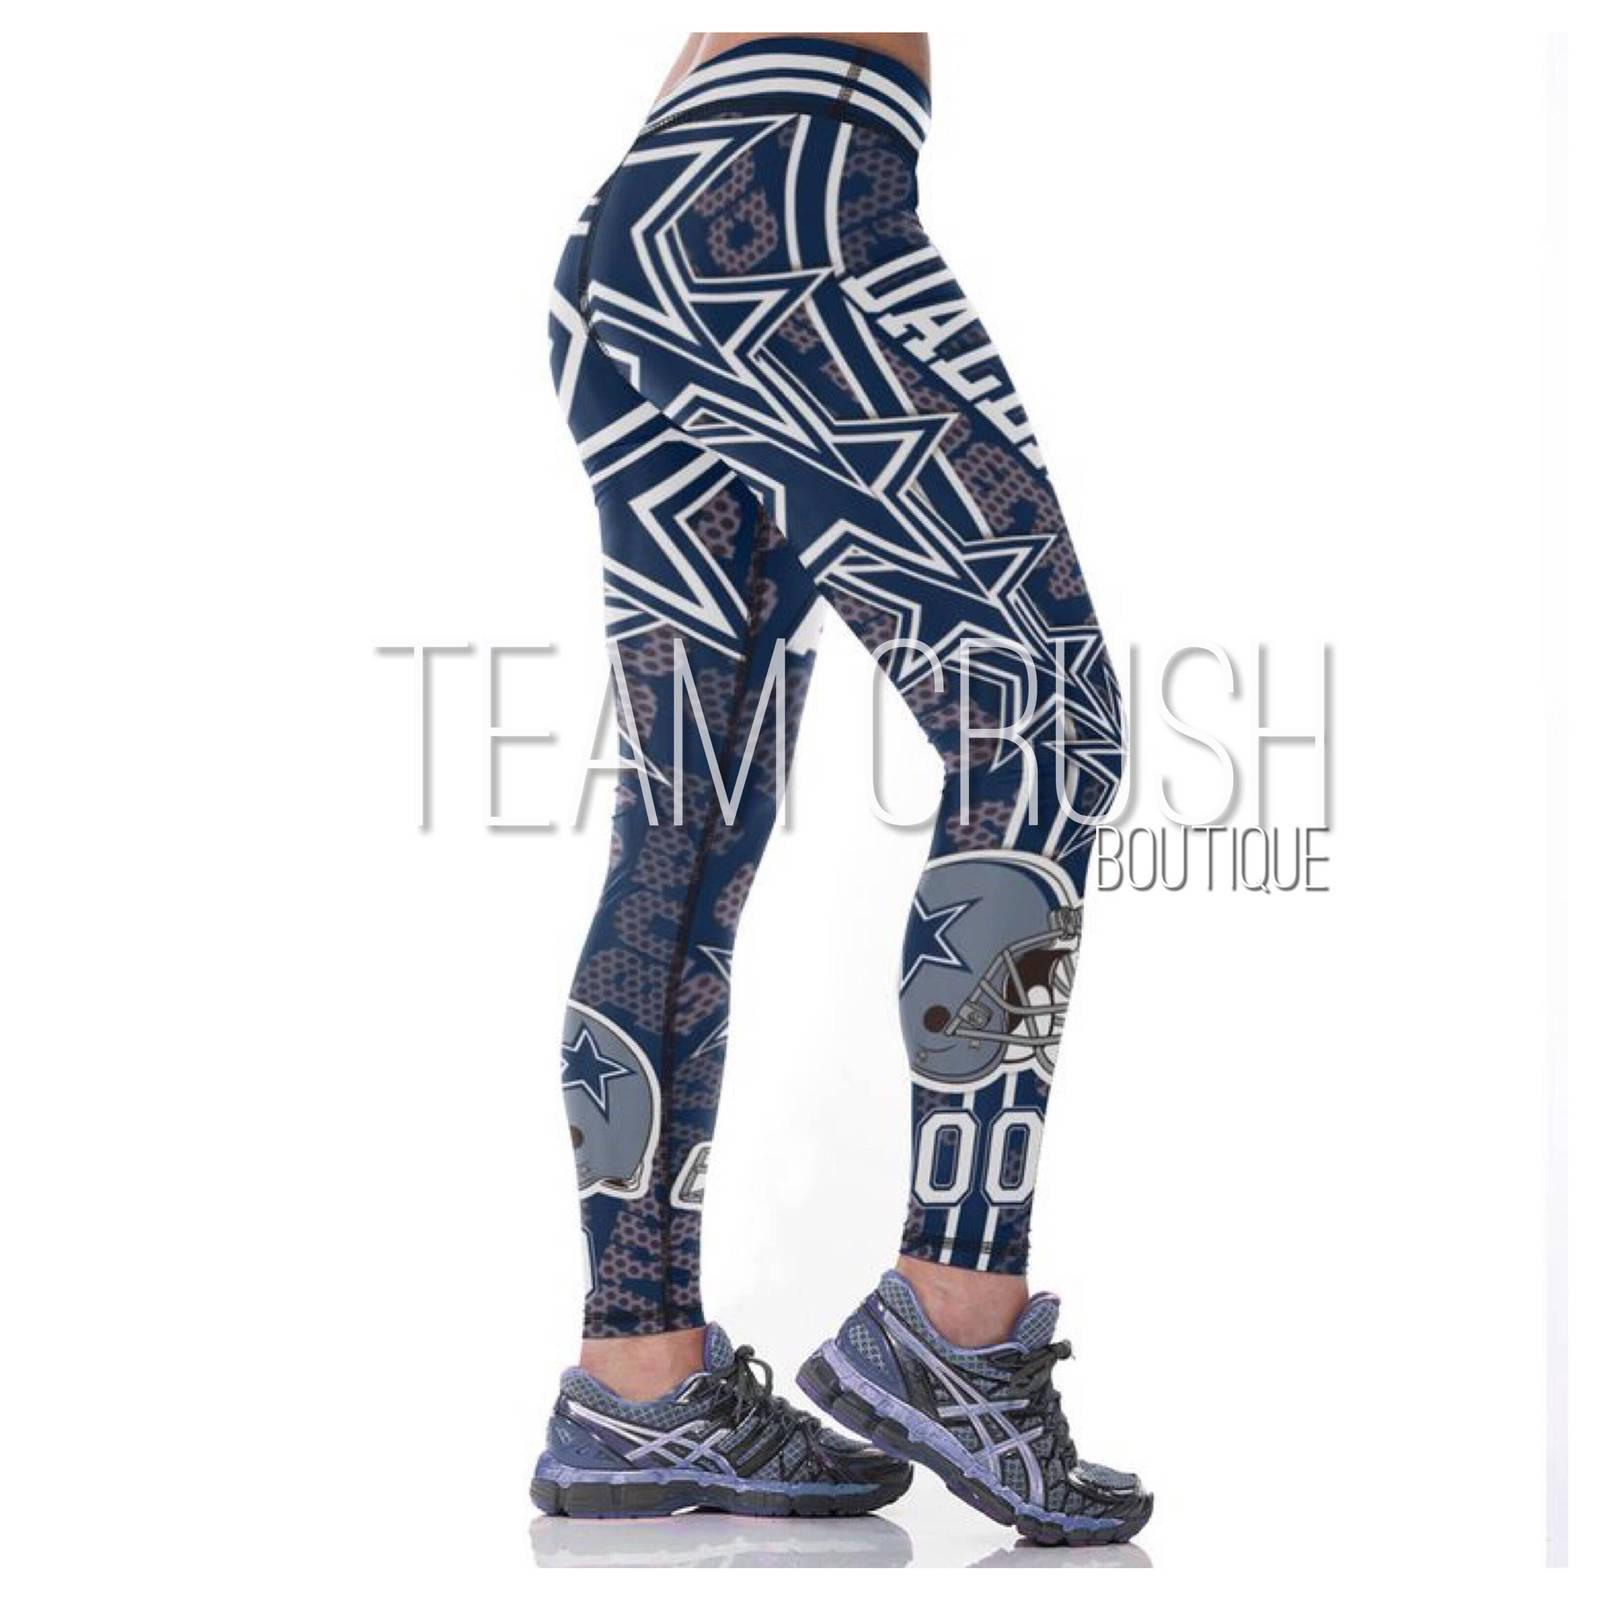 c00b60a1 COWBOYS Leggings - #00 Women Fan Gear - and 44 similar items